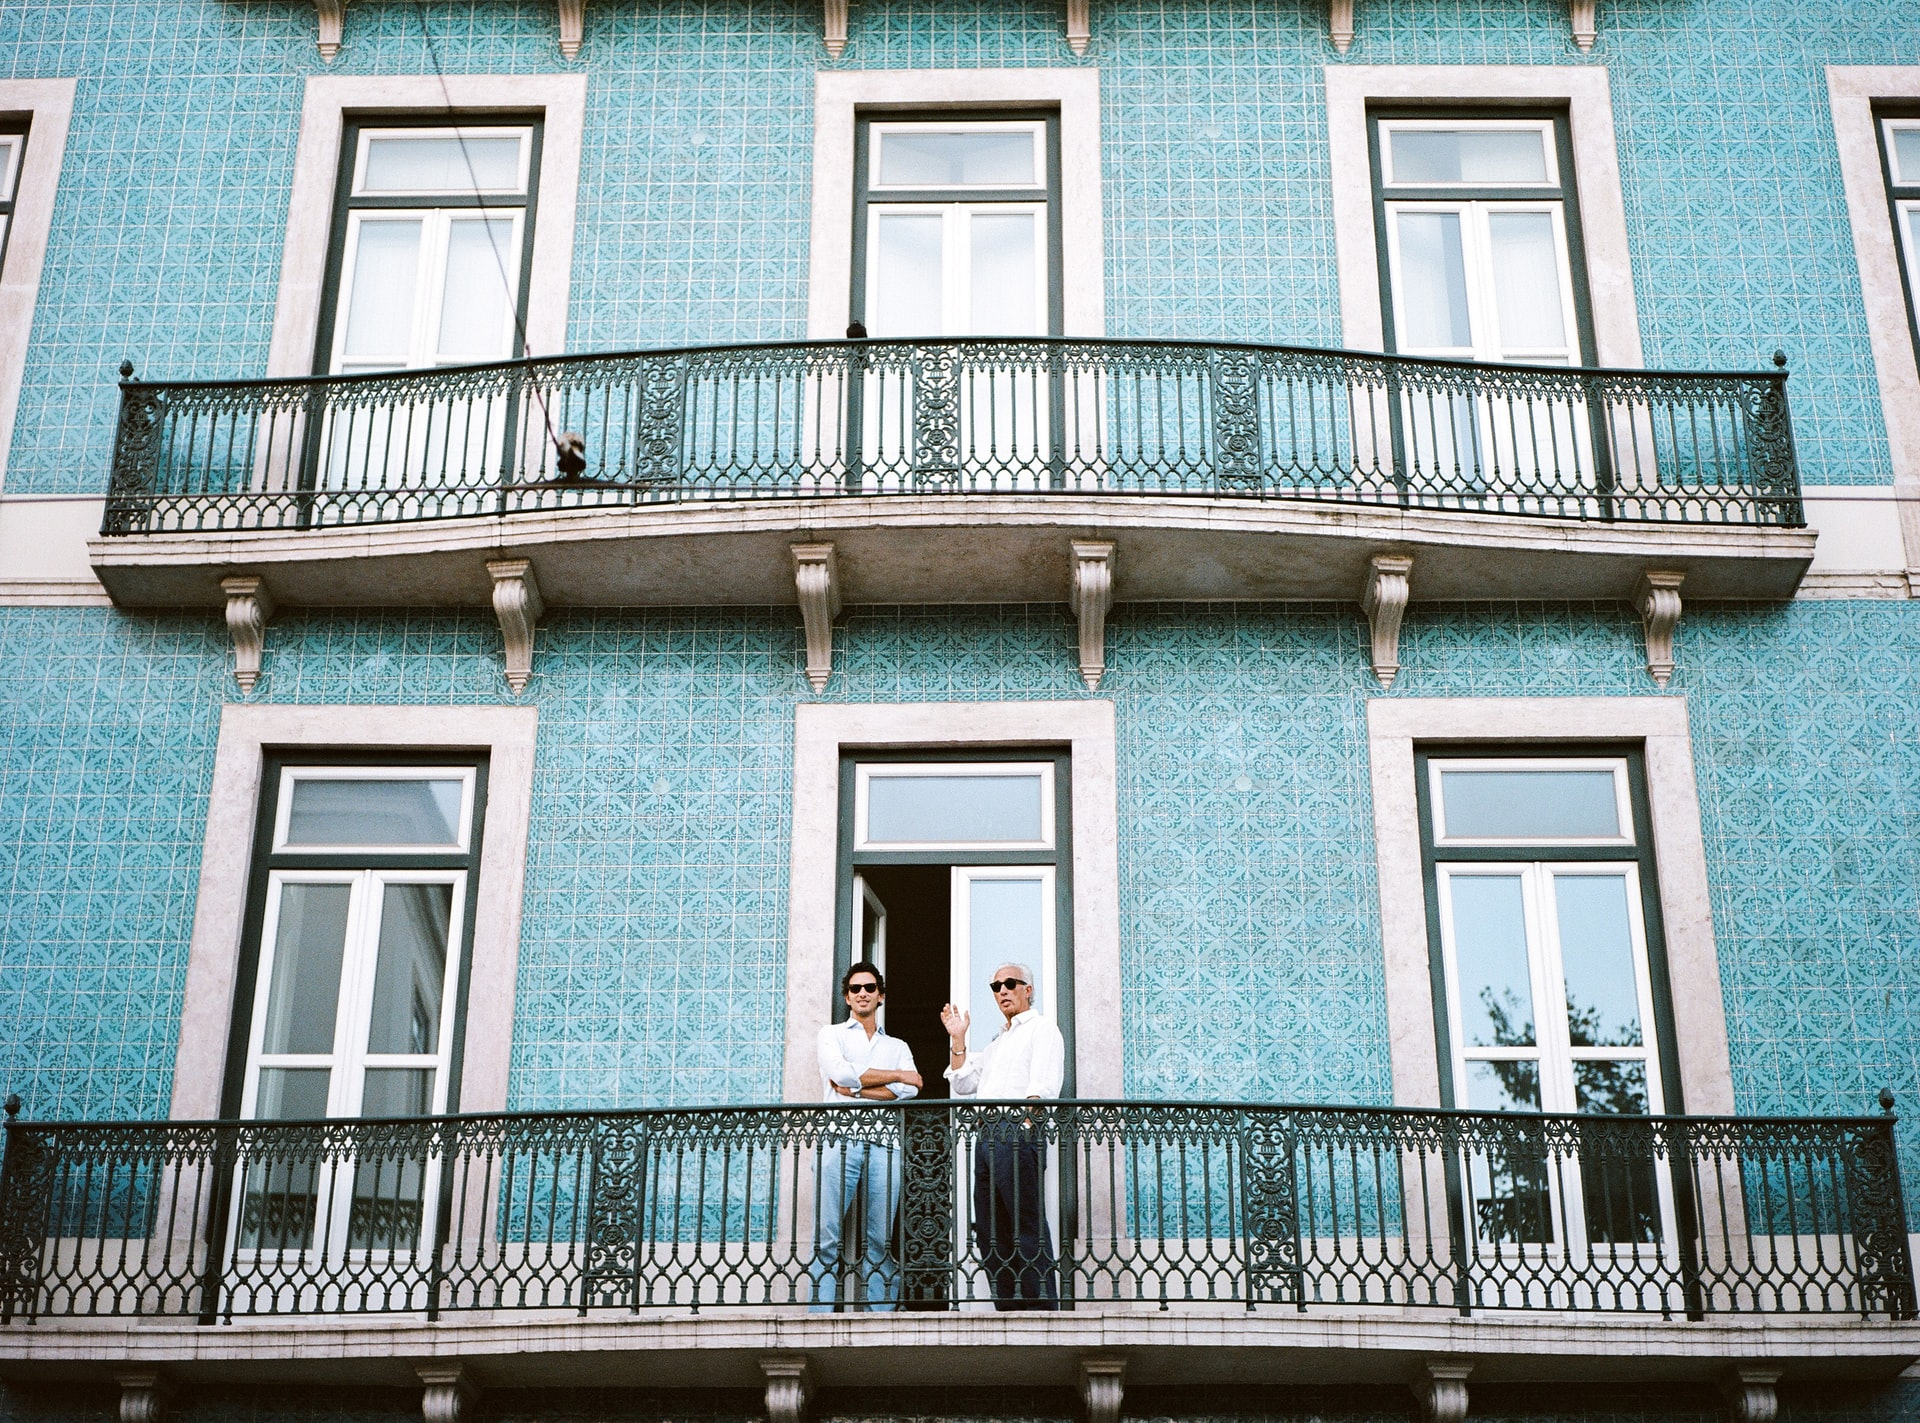 Compra e venda de casas na Remax